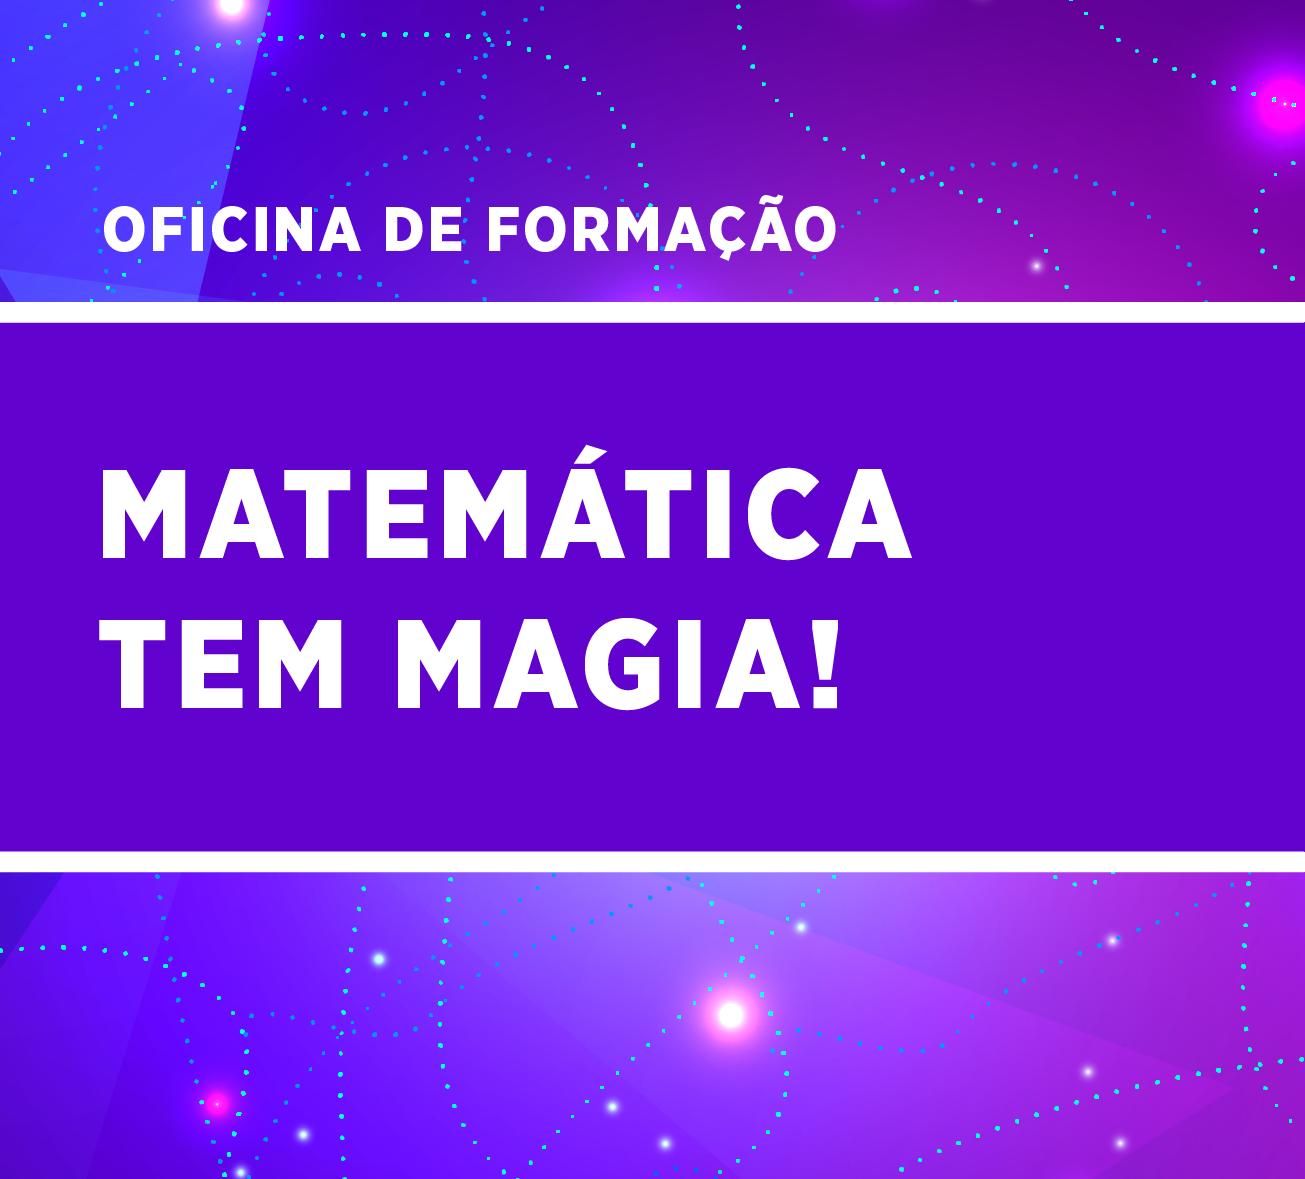 Matemática tem magia!